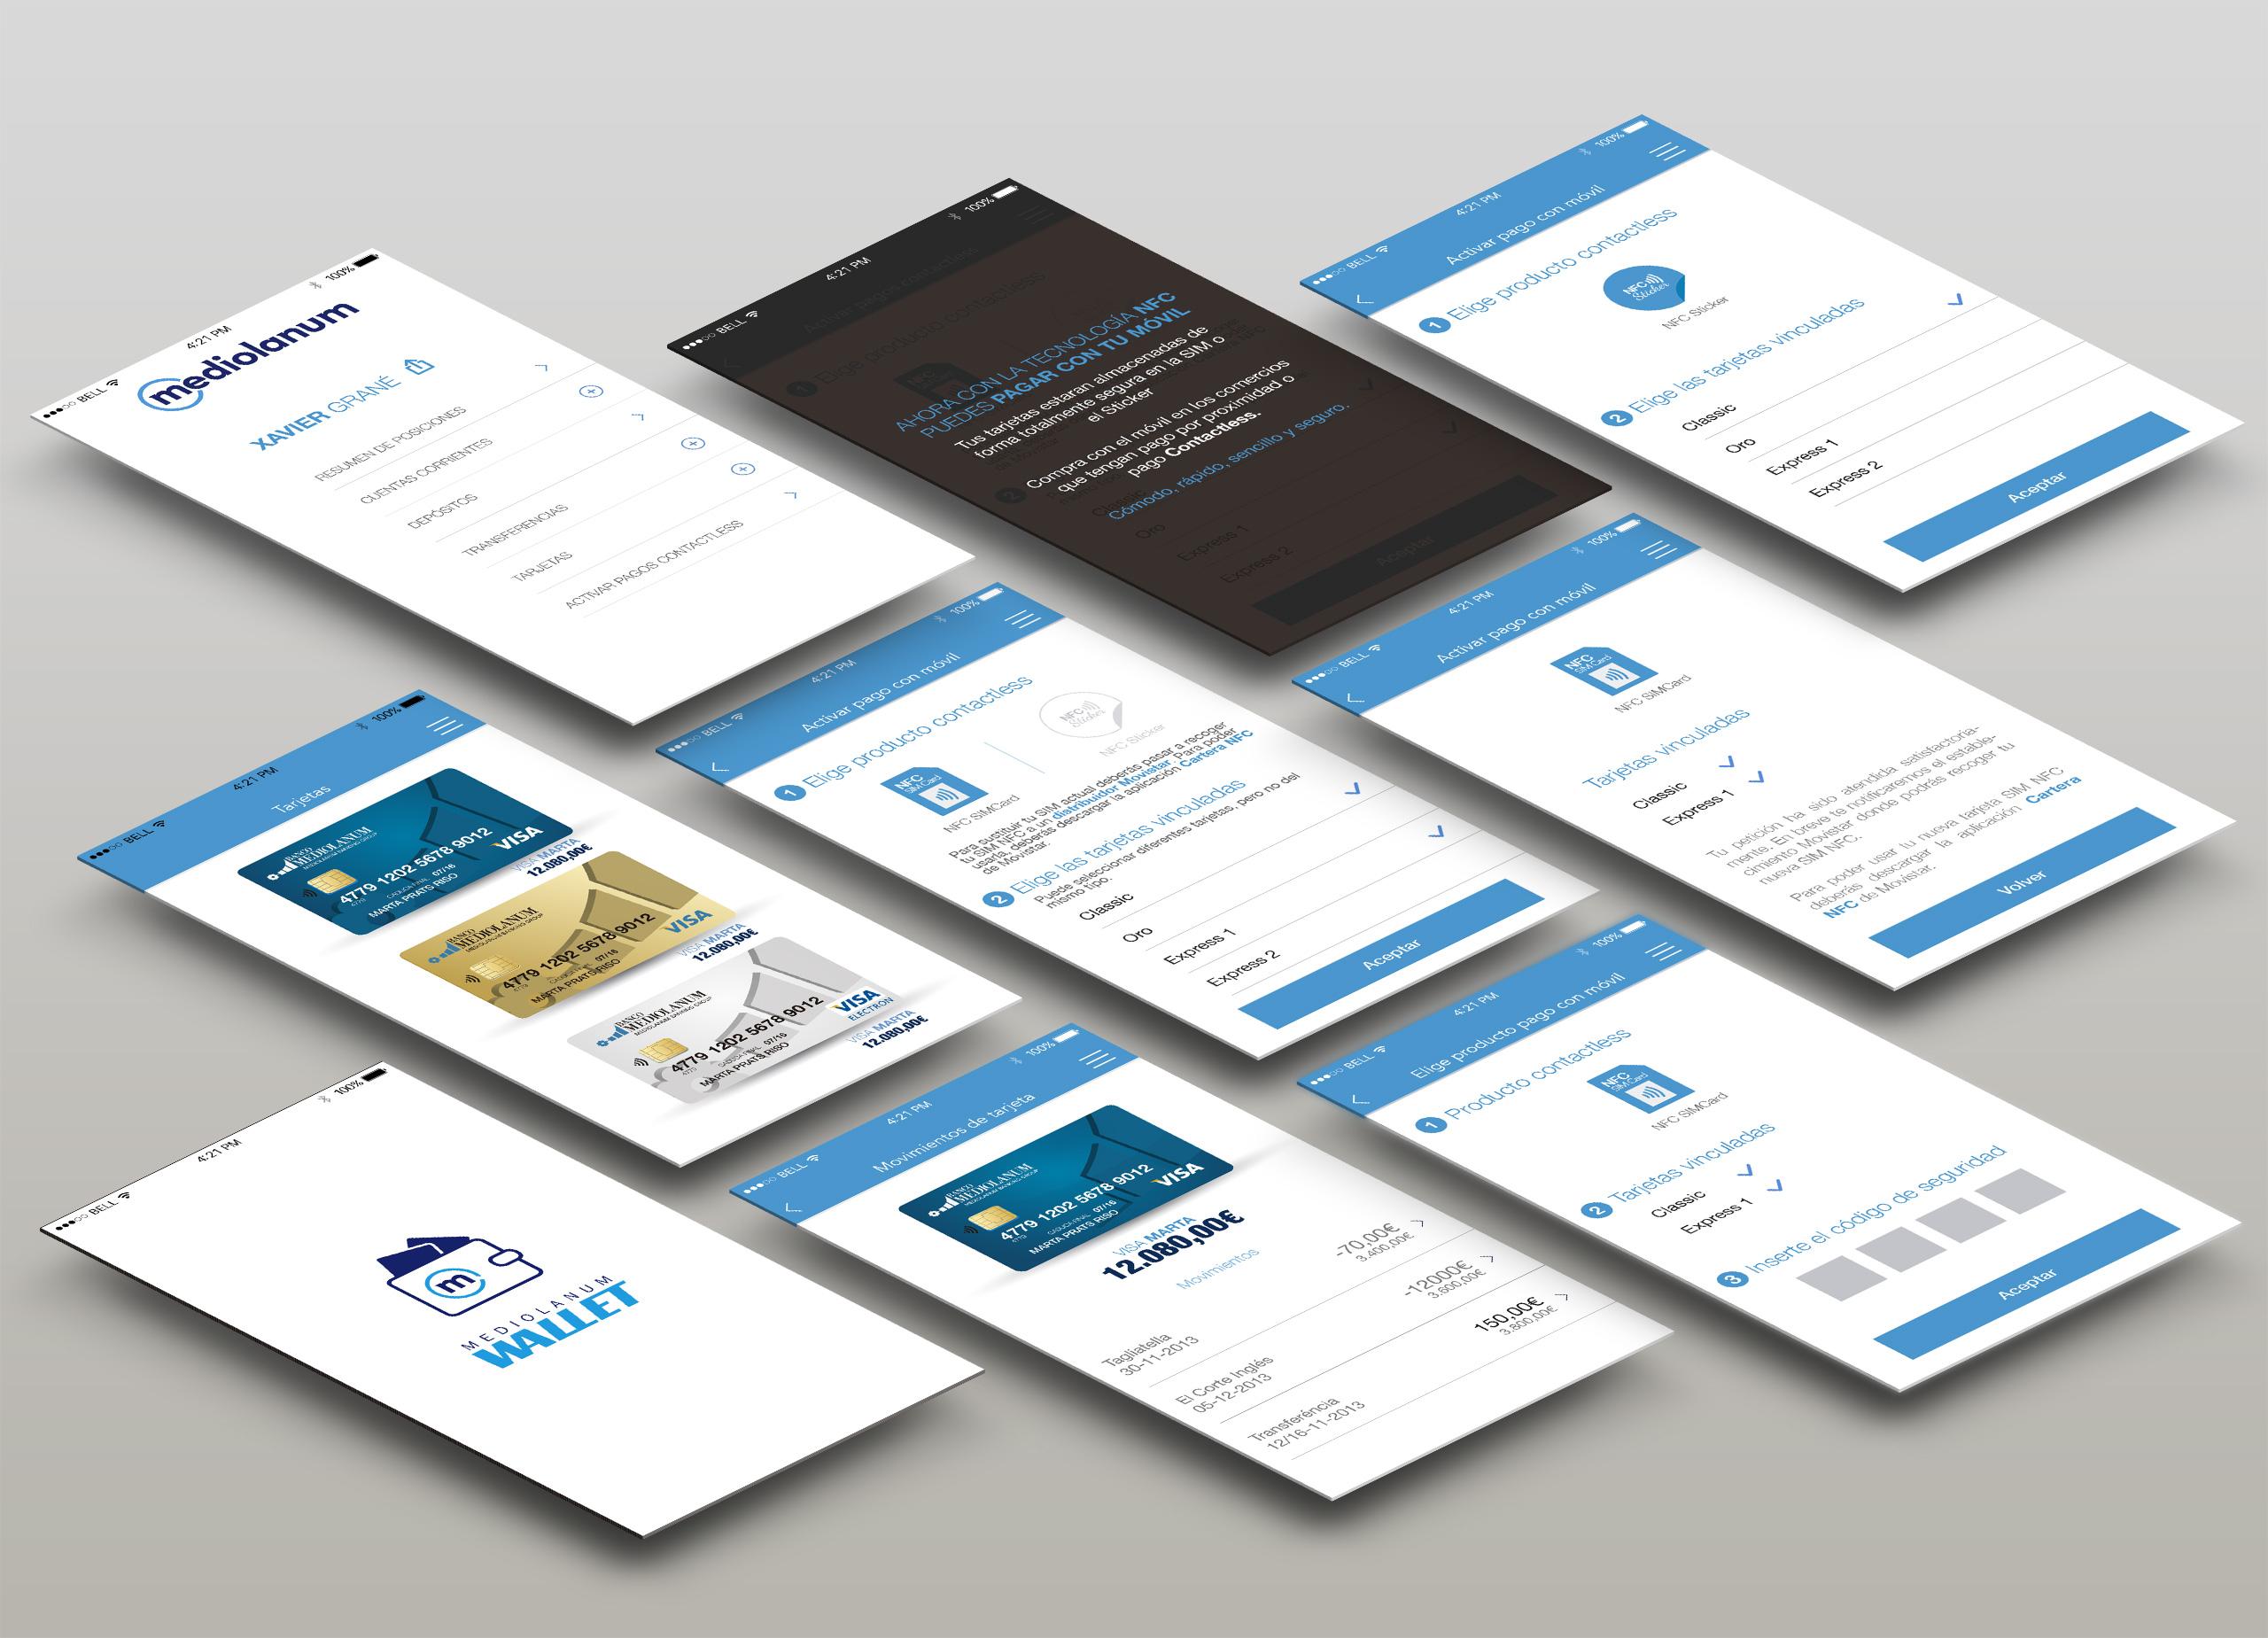 mediolanum-prj-content-mobile2